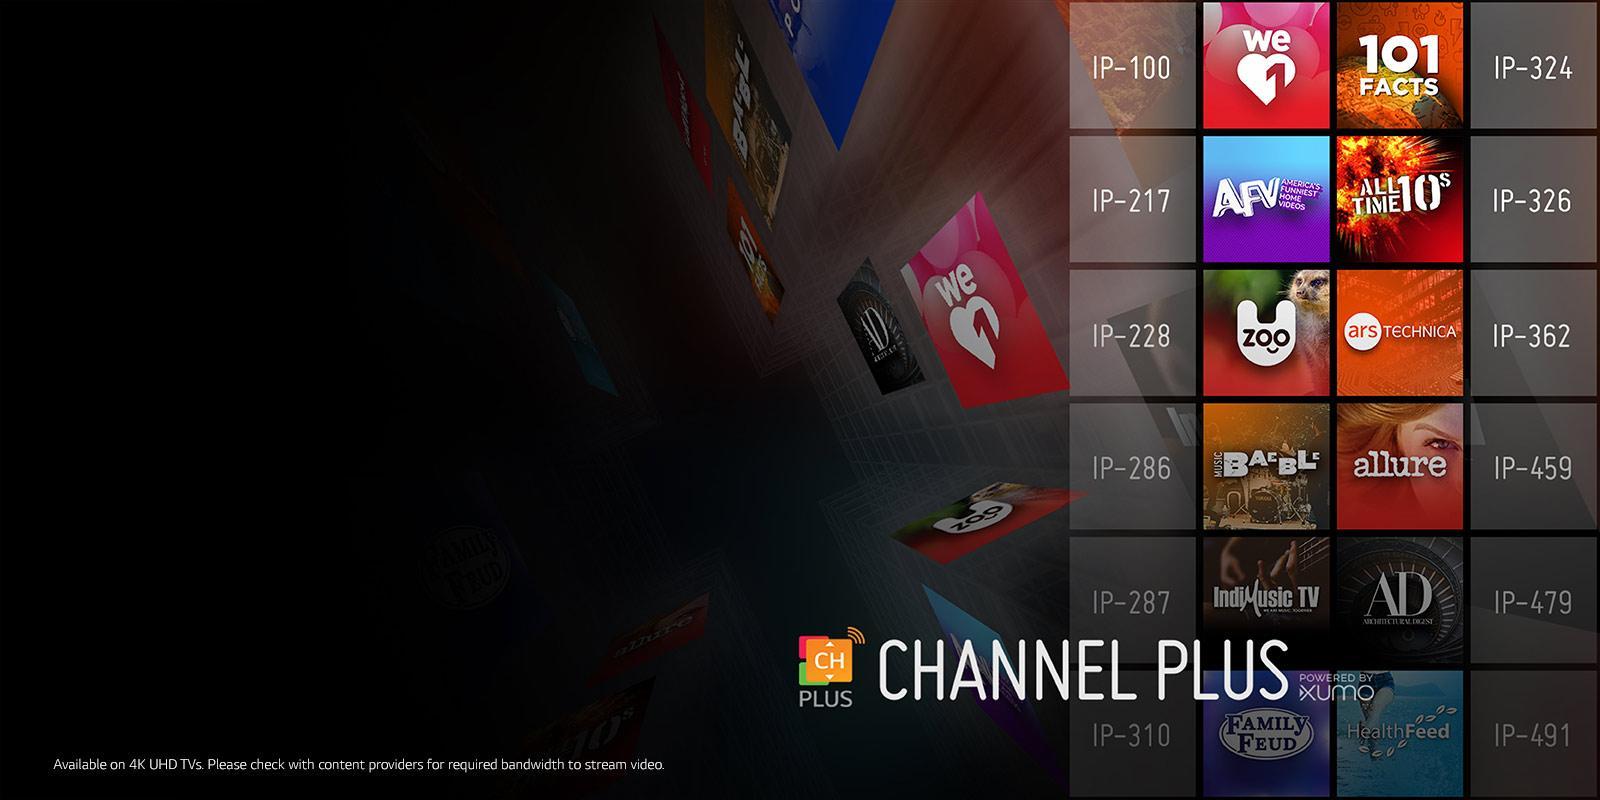 Channel Plus